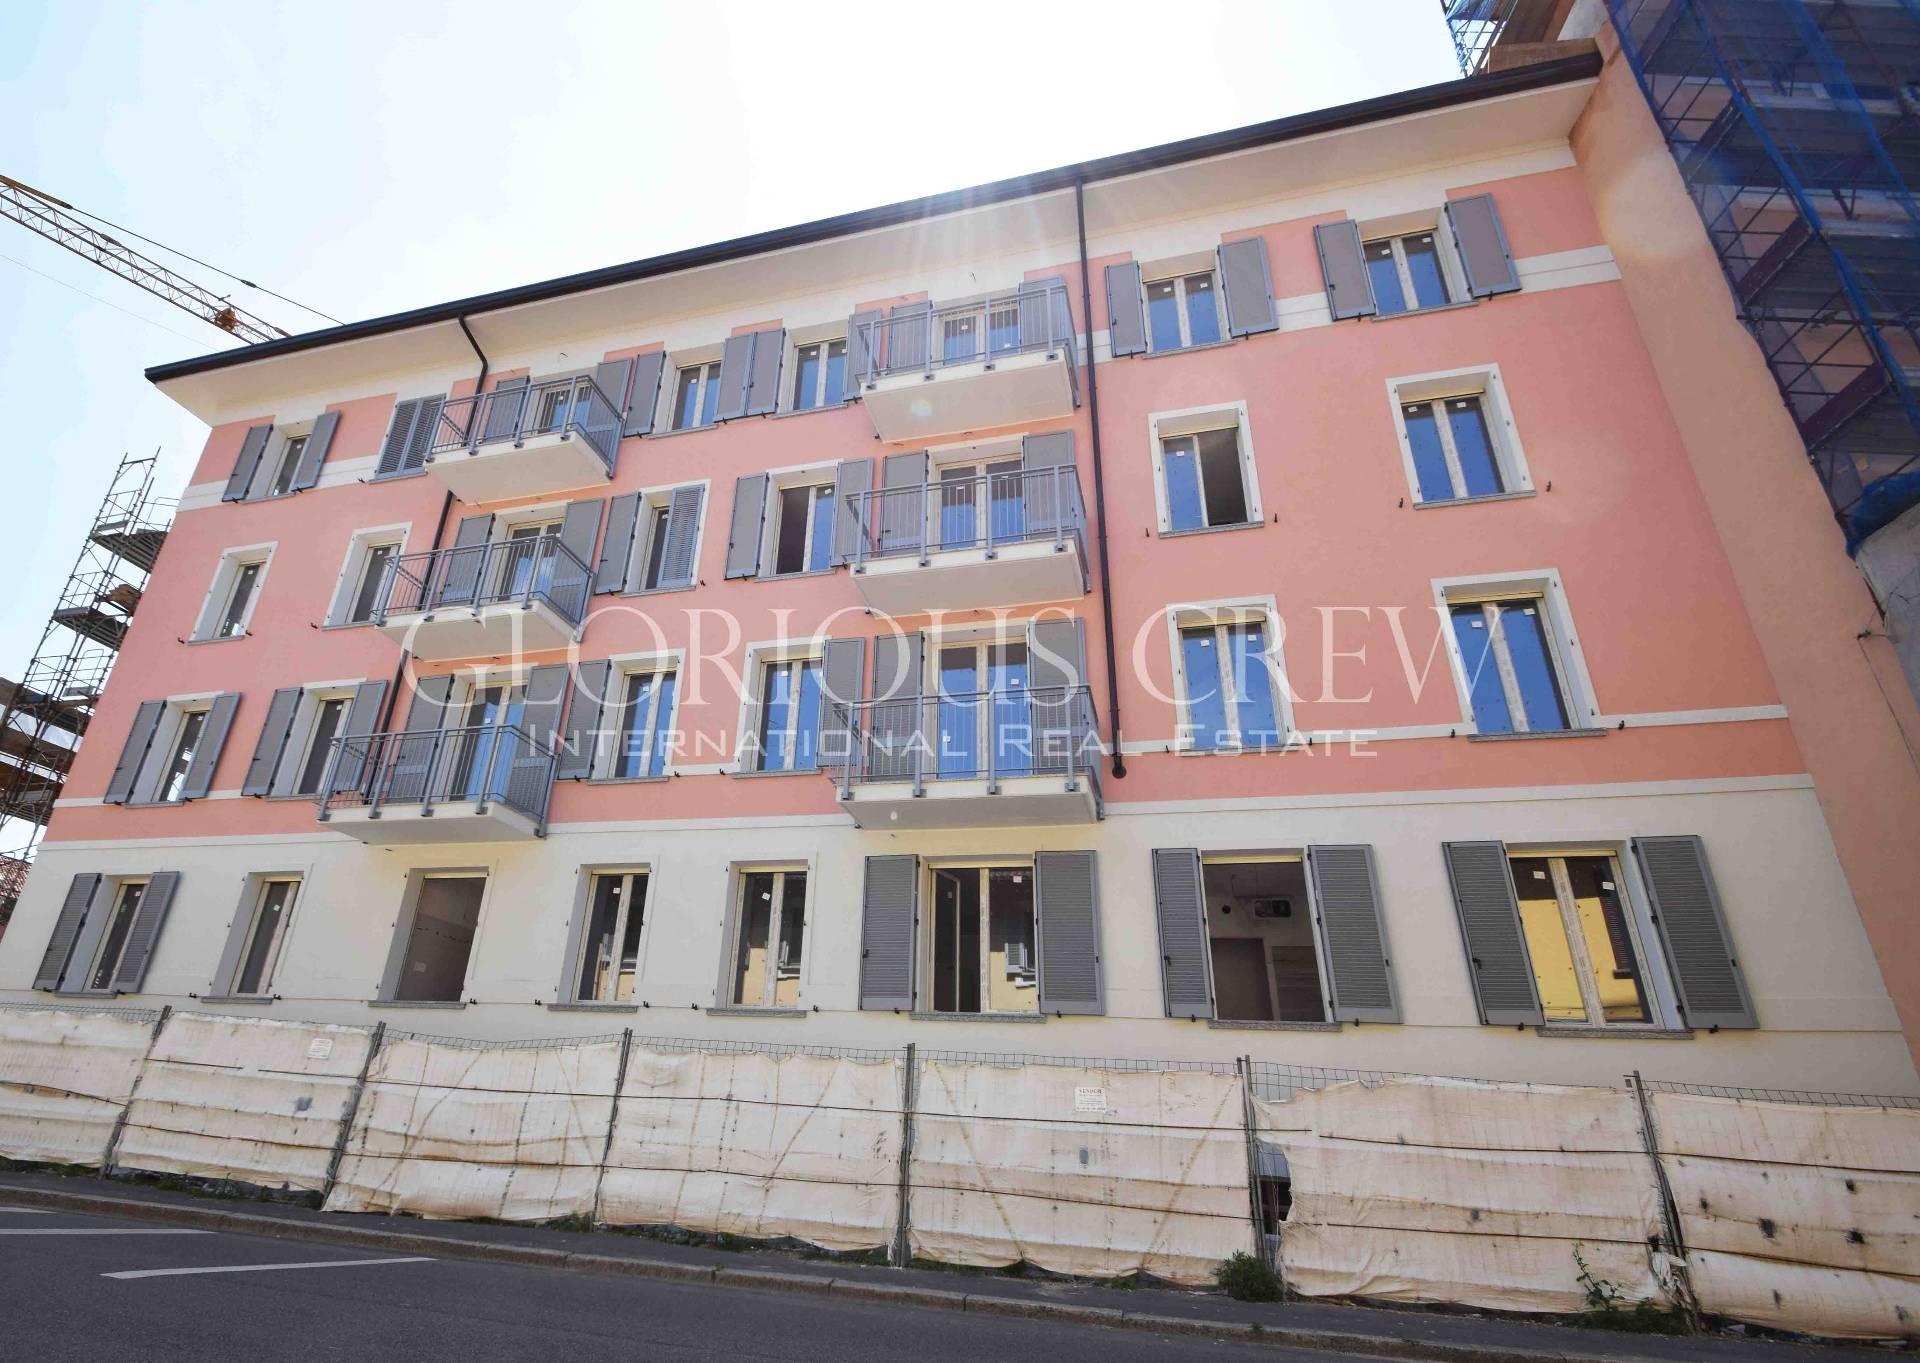 Appartamento in Vendita a San Donato Milanese:  2 locali, 55 mq  - Foto 1